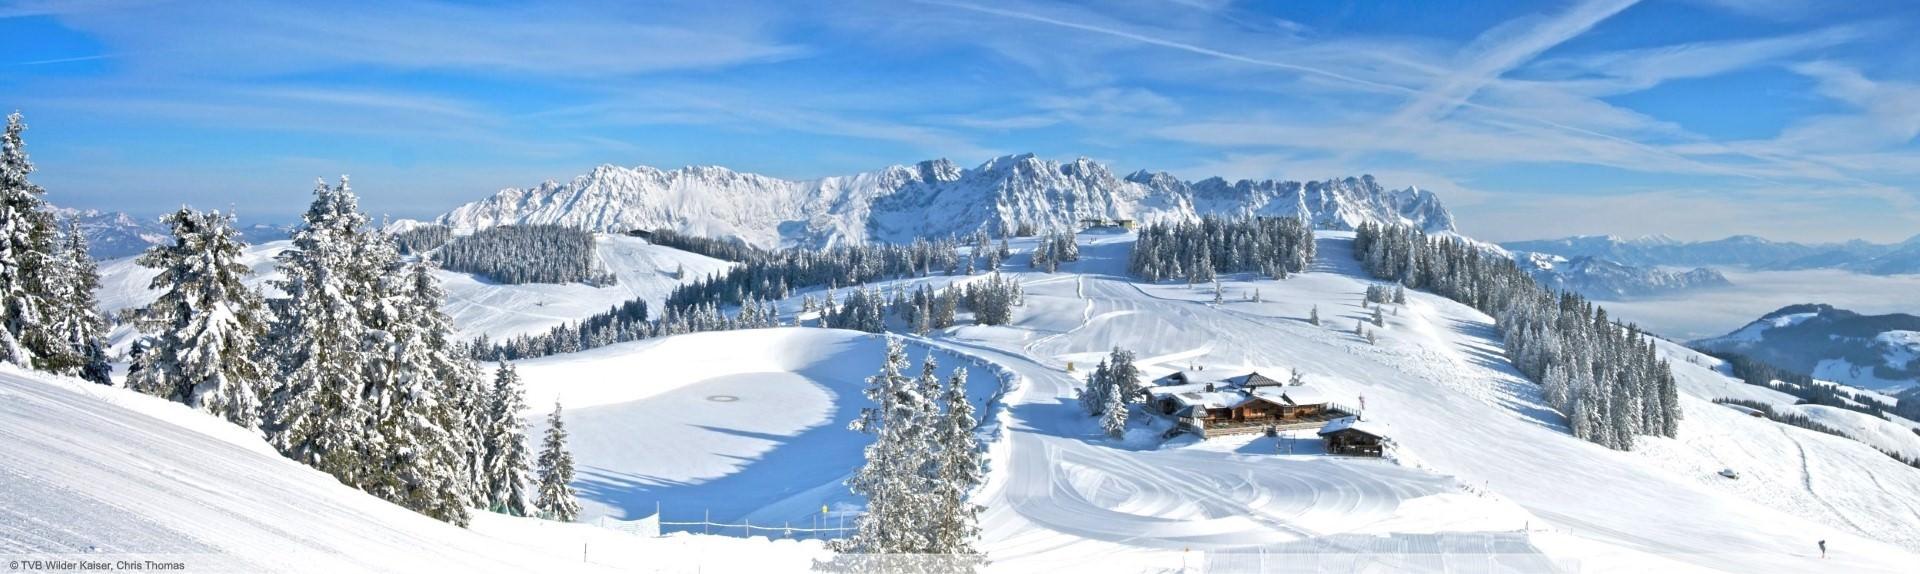 wintersport en aanbiedingen in Westendorf